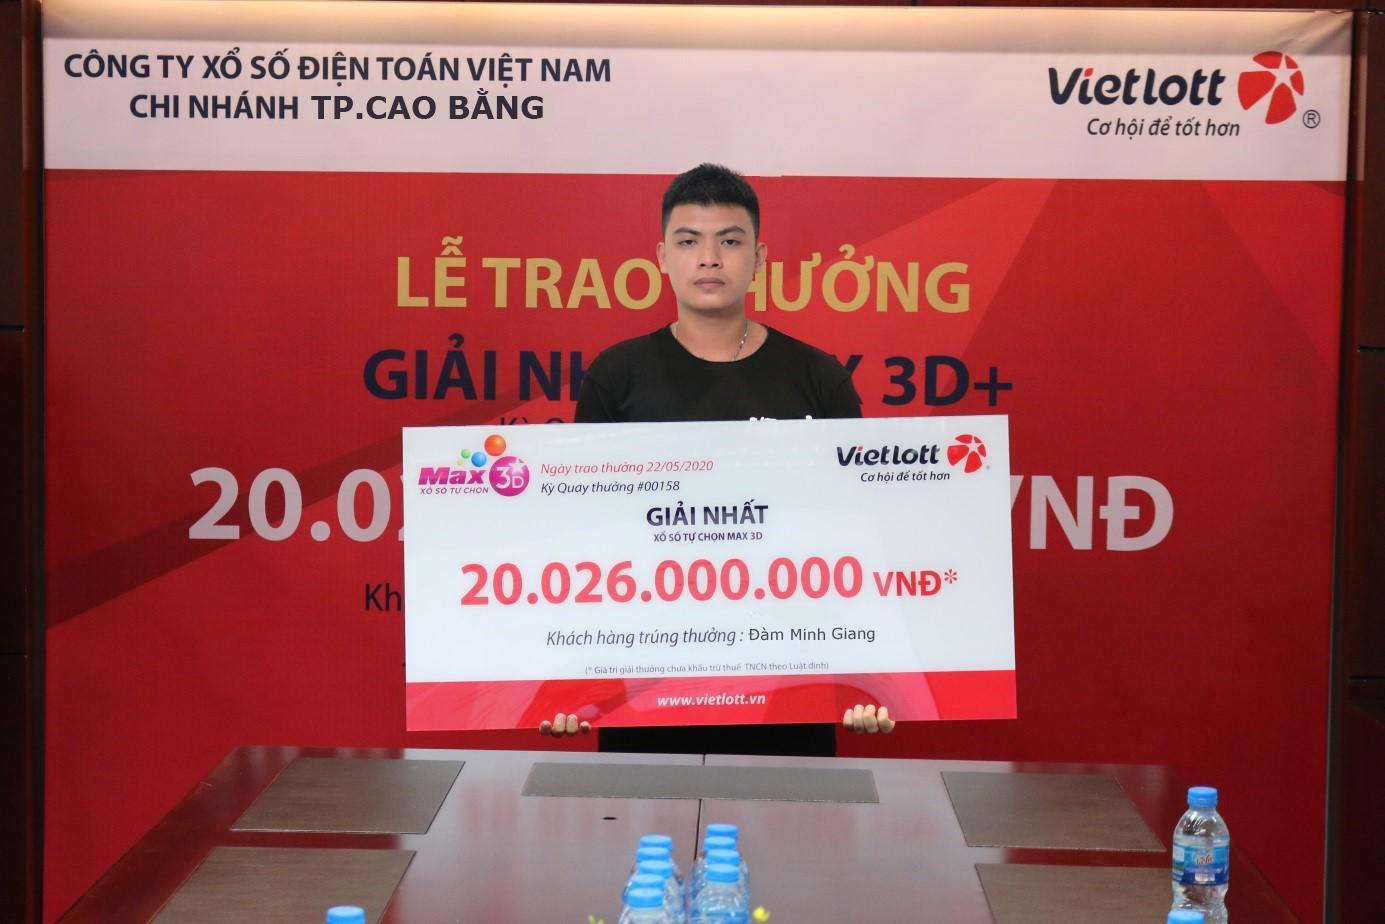 Đàm Minh Giang tình cờ mua vé trúng Jackpot Vietlott hơn 300 tỷ đồng